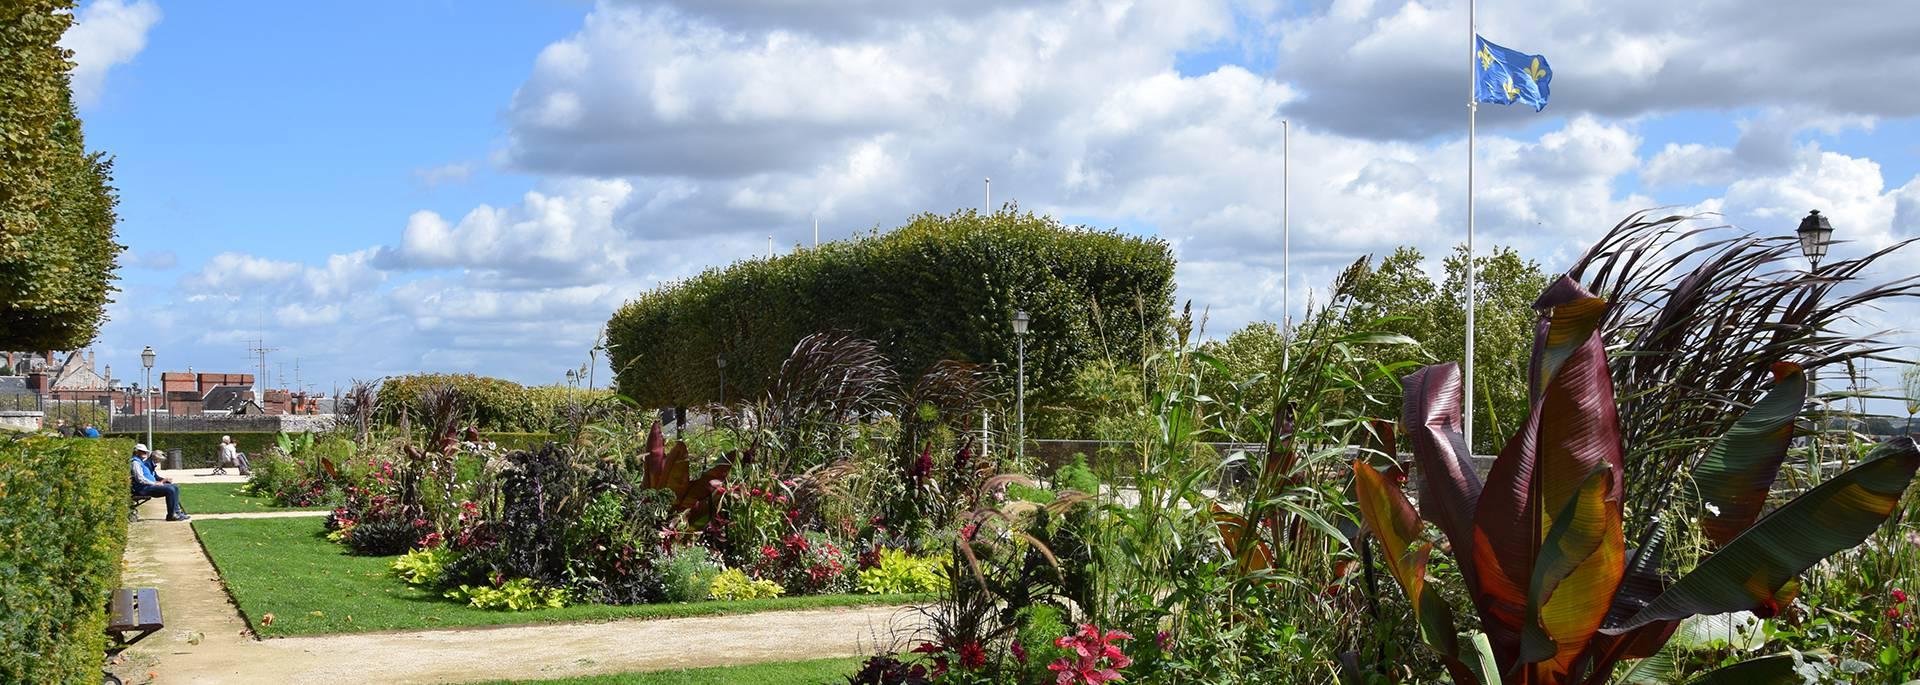 Jardins Saint Sauveur en été à Blois